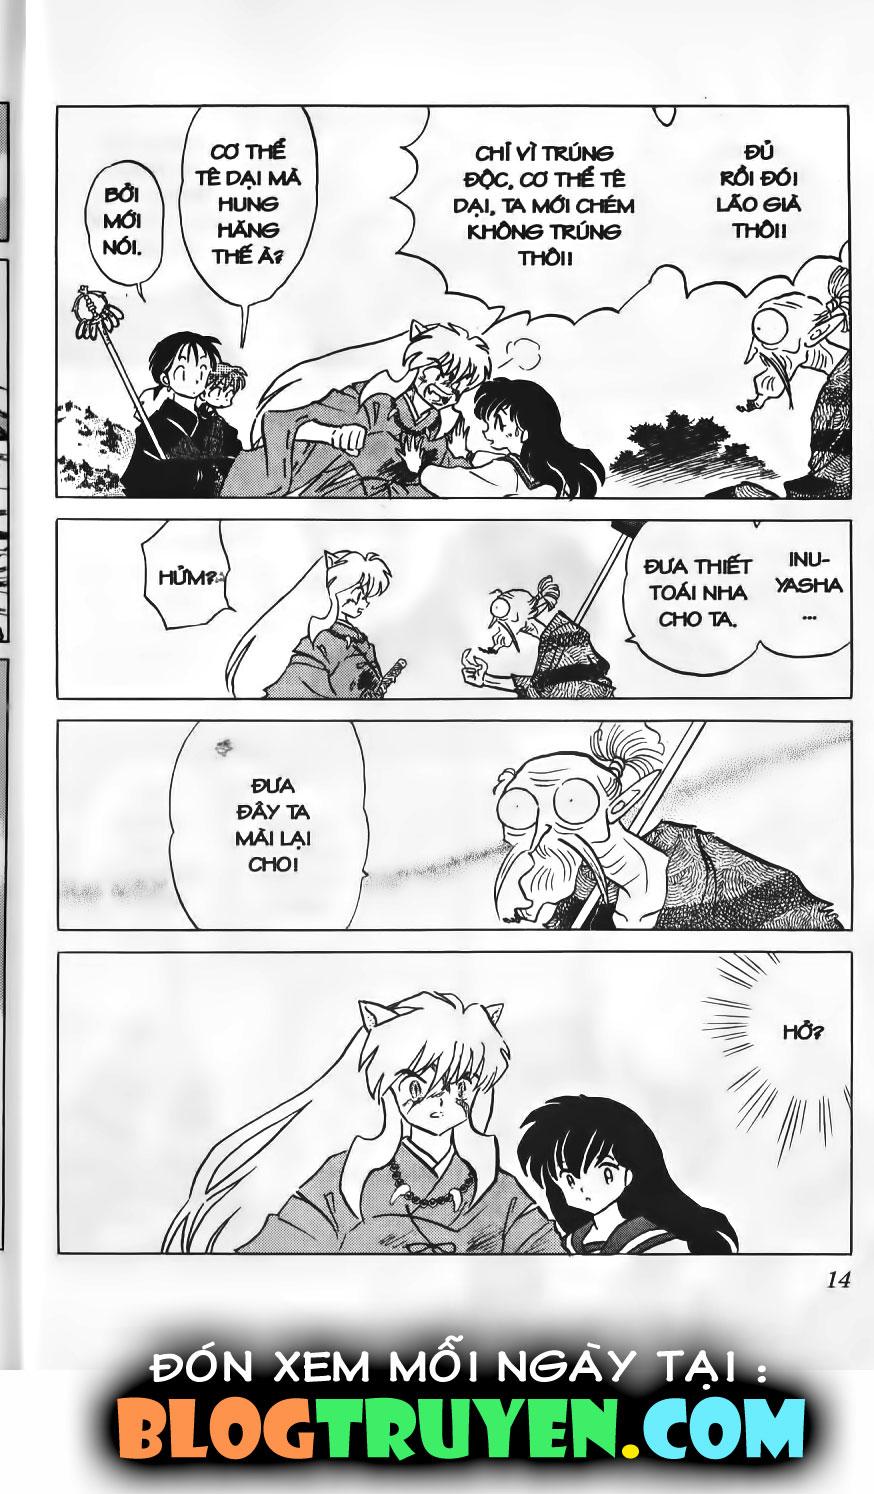 Inuyasha vol 14.1 trang 13